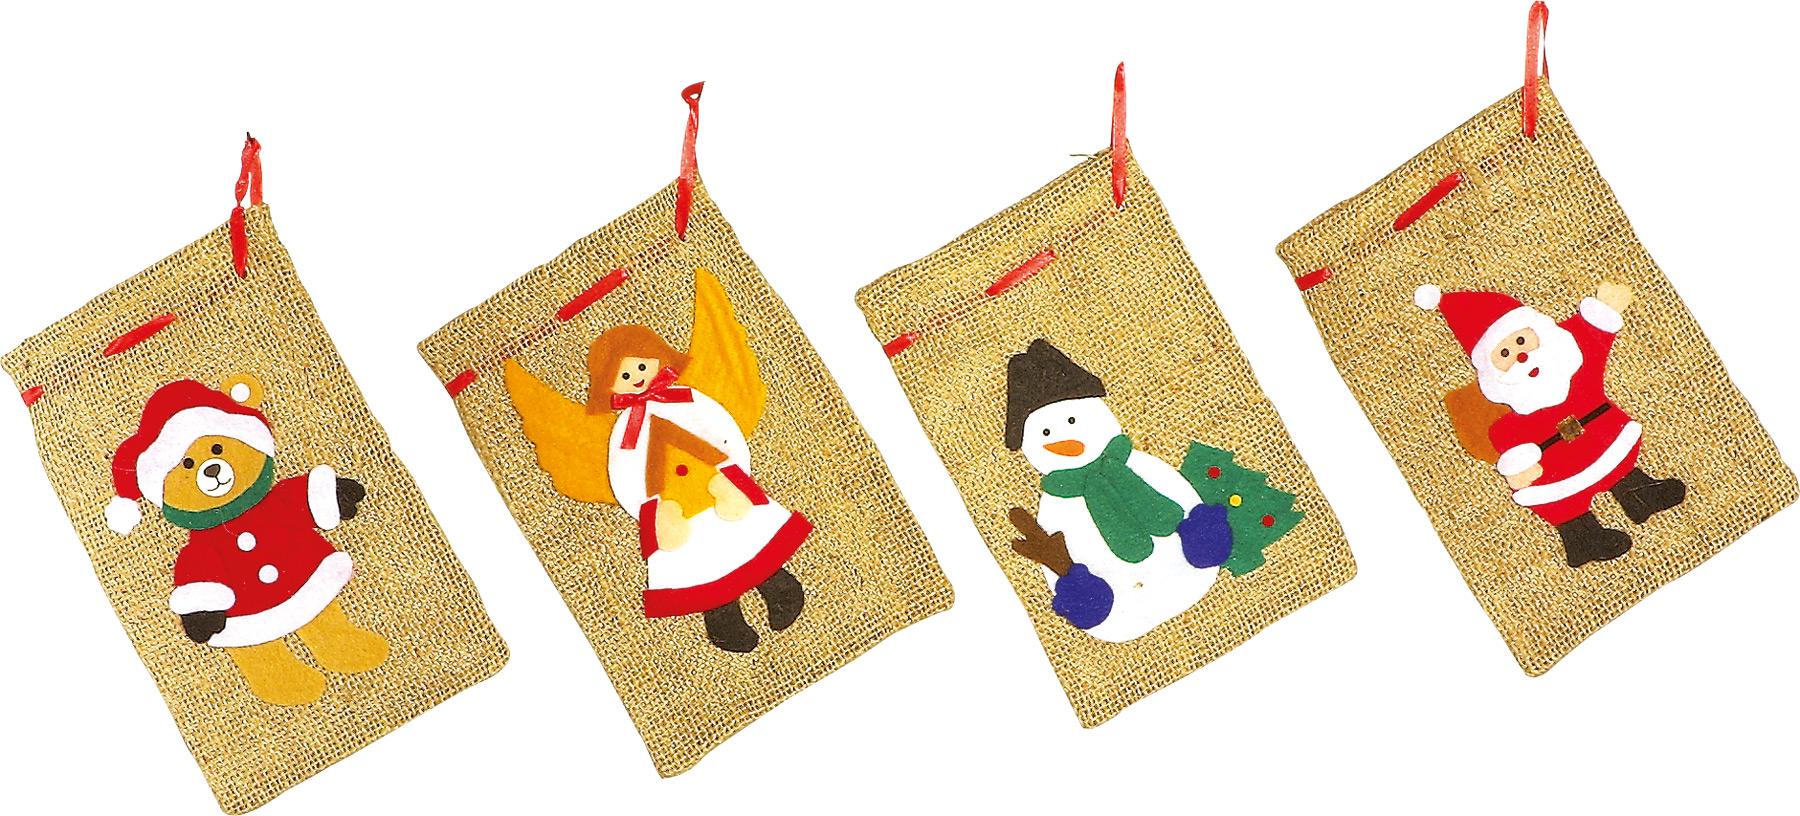 Kalėdiniai maišeliai SMALL FOOT, 4 vnt.